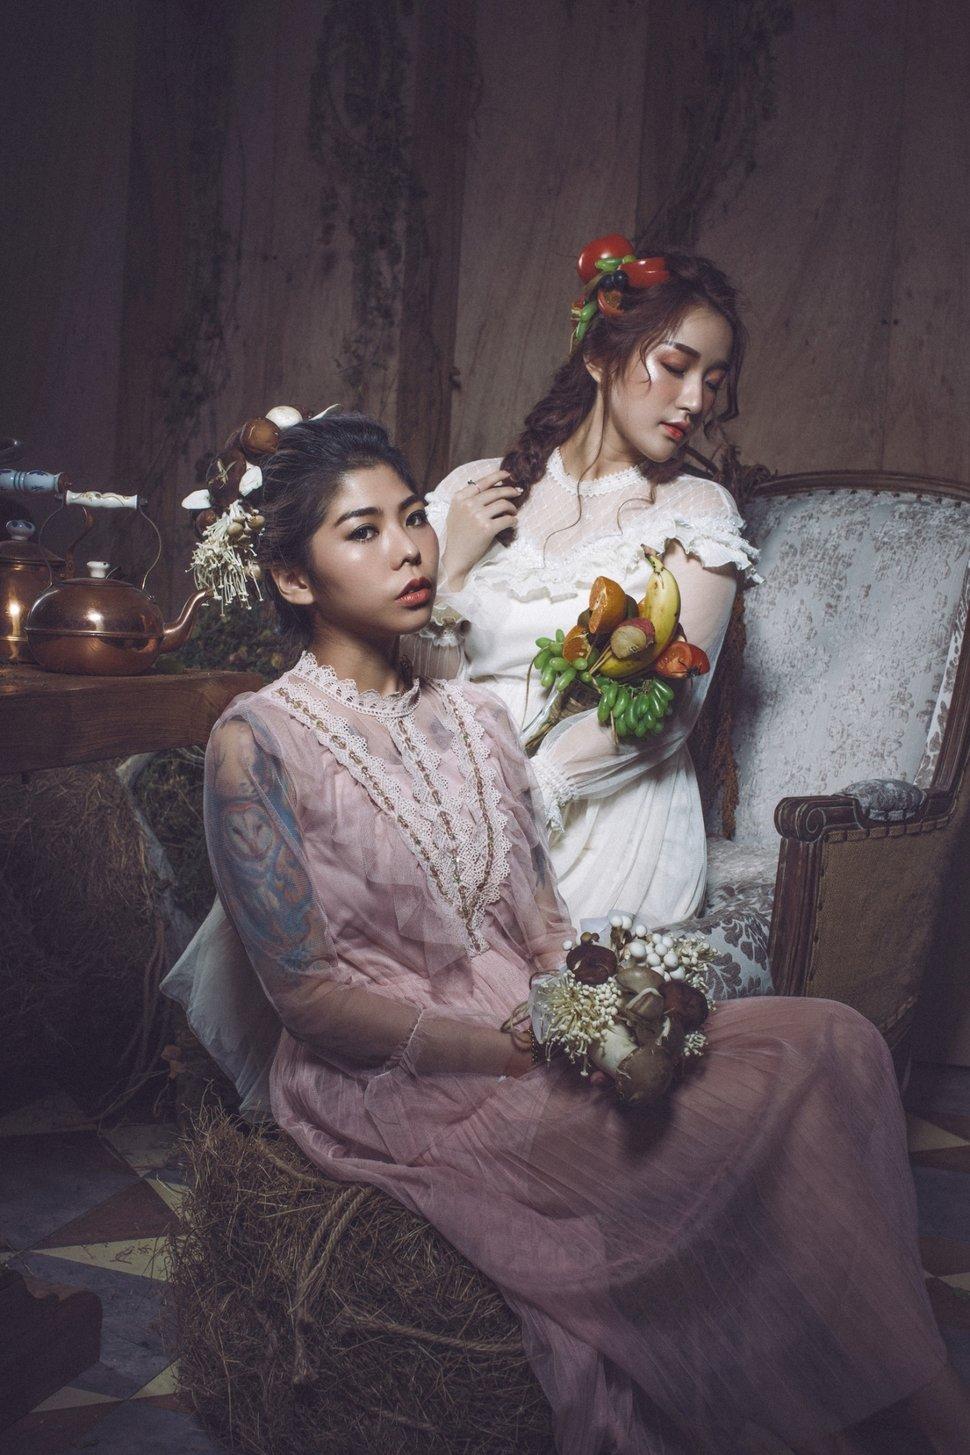 用力發_190322_0025 - Zona時尚美甲x新娘秘書整體造型工作室《結婚吧》